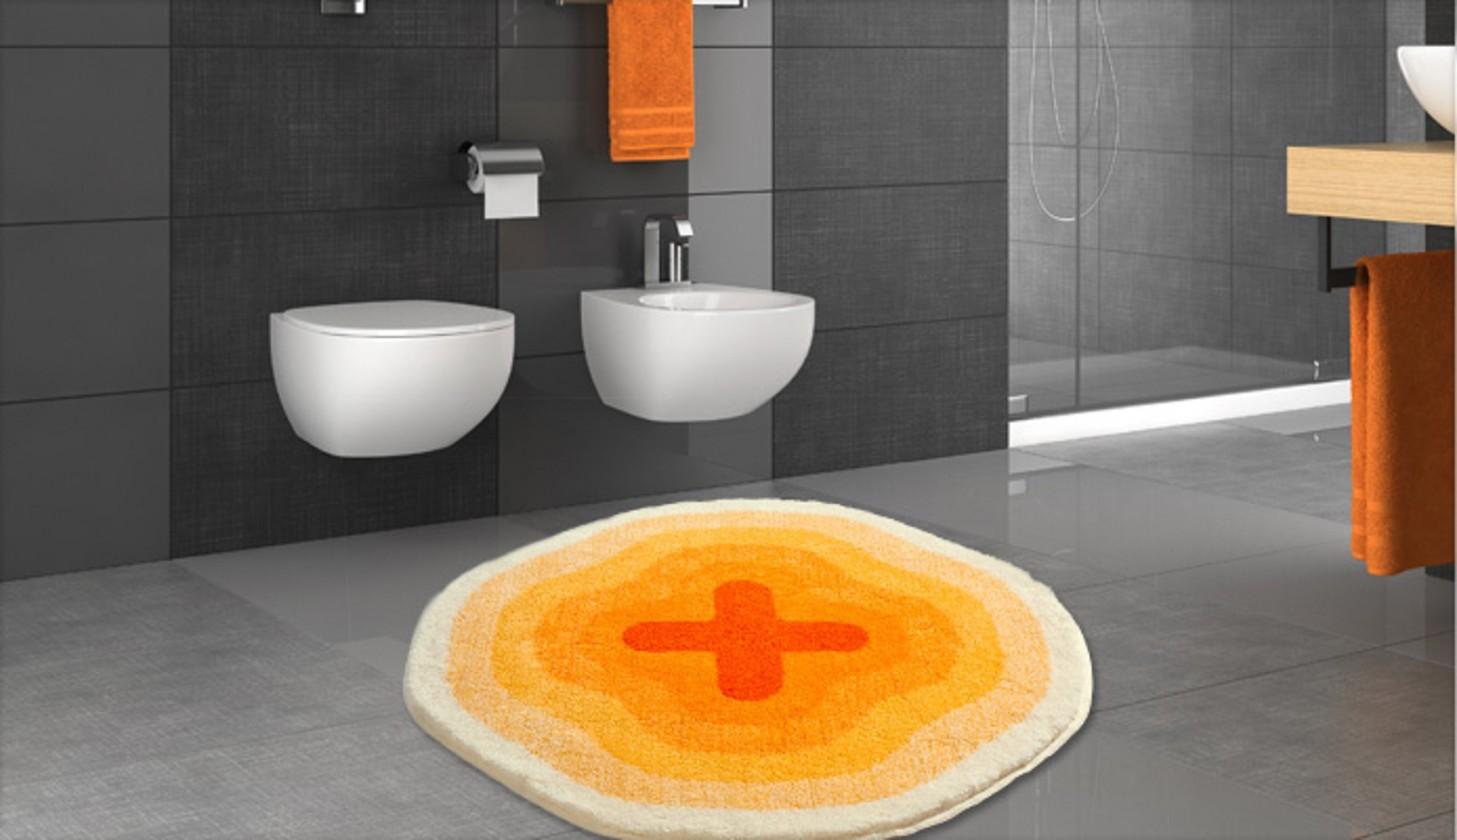 Karim 03 - Předložka kruh 60 cm (žltá)